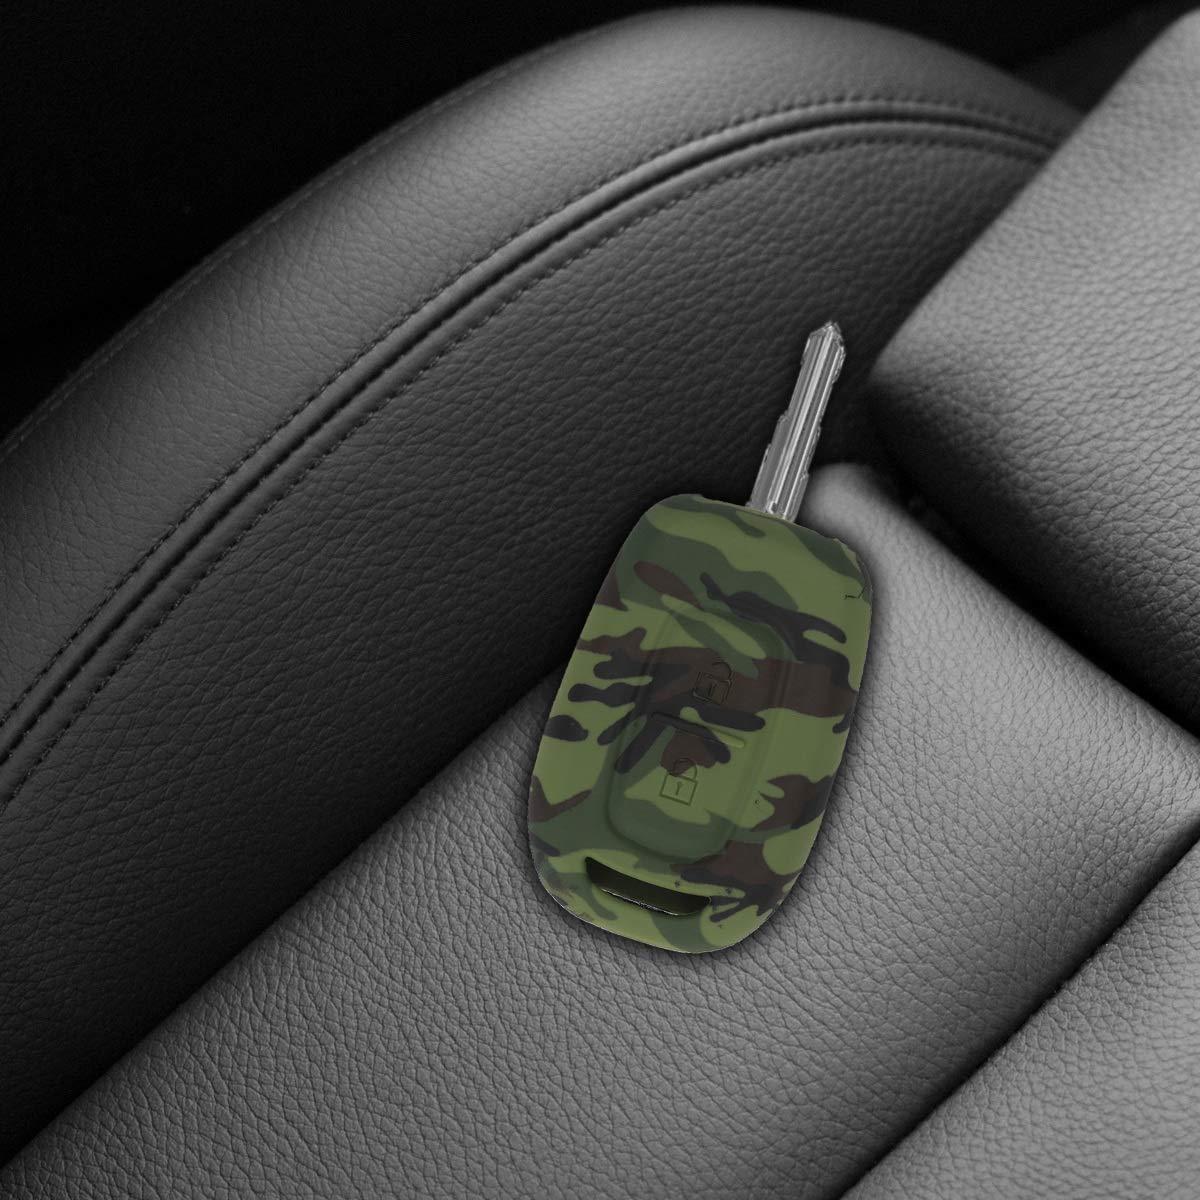 Carcasa Protectora Suave de Silicona kwmobile Funda para Llave con Control Remoto de 2 Botones para Coche Renault Dacia Case de Mando de Auto con dise/ño Camouflage